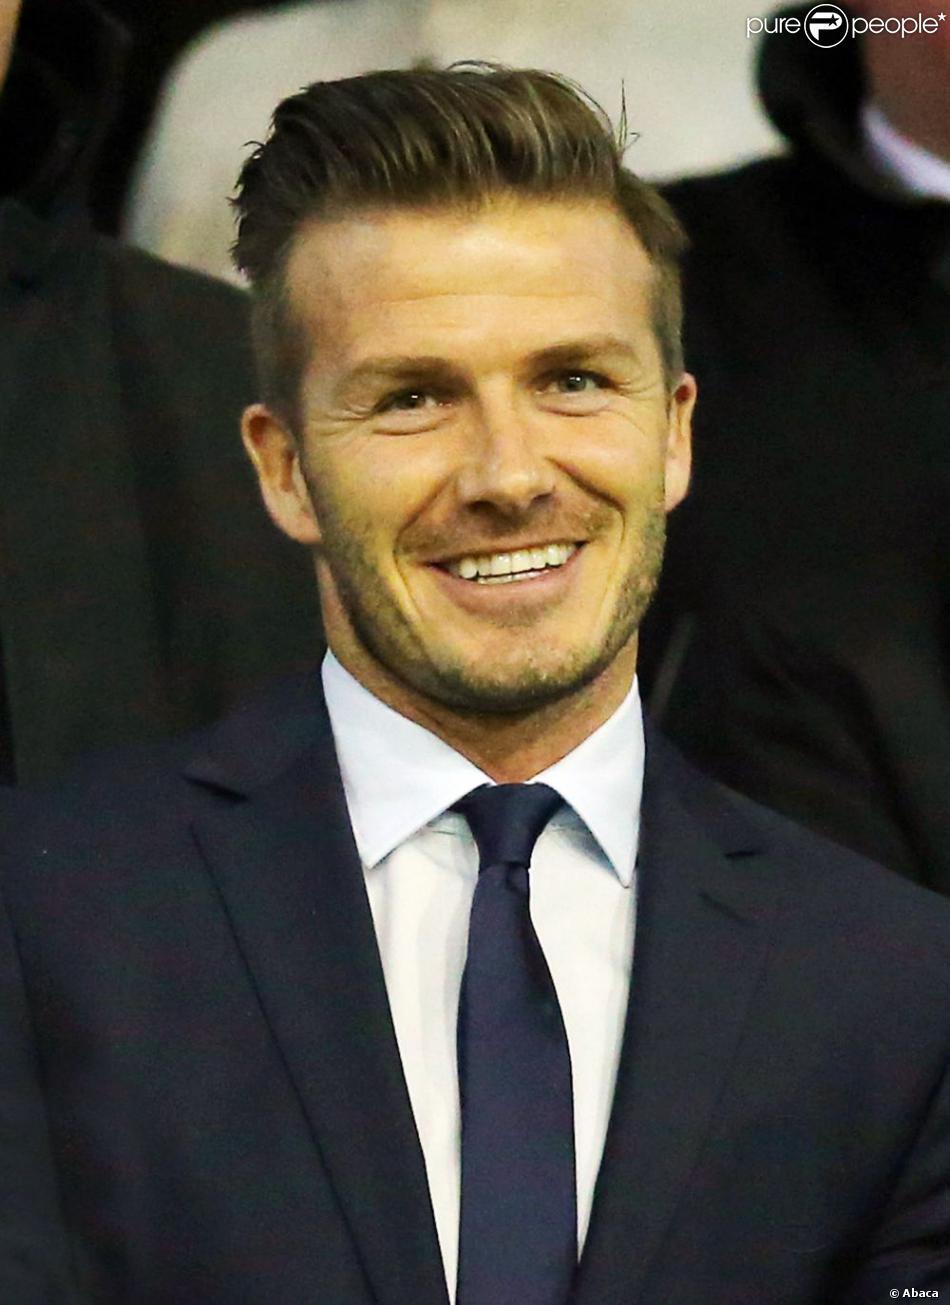 David Beckham au stade Mestalla de Valence le 12 février 2013 lors du match entre le PSG et Valence en huitième de finale de la Ligue des Champions